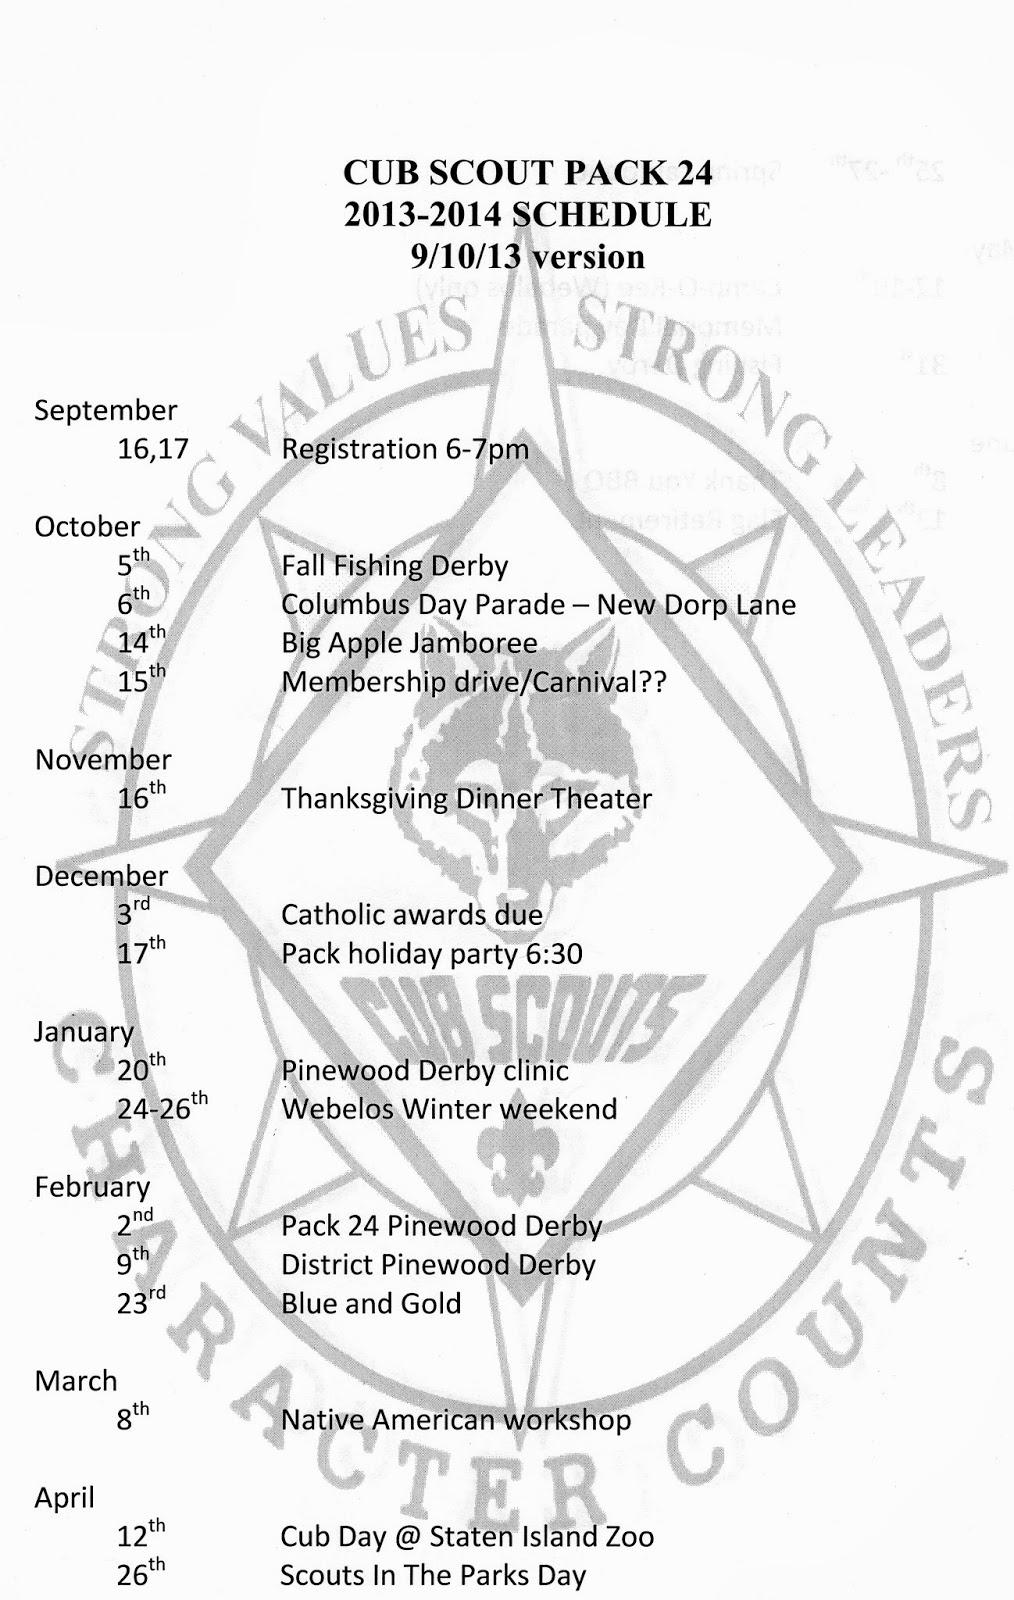 Cub Scout Pack 24: 2013-2014 Schedule